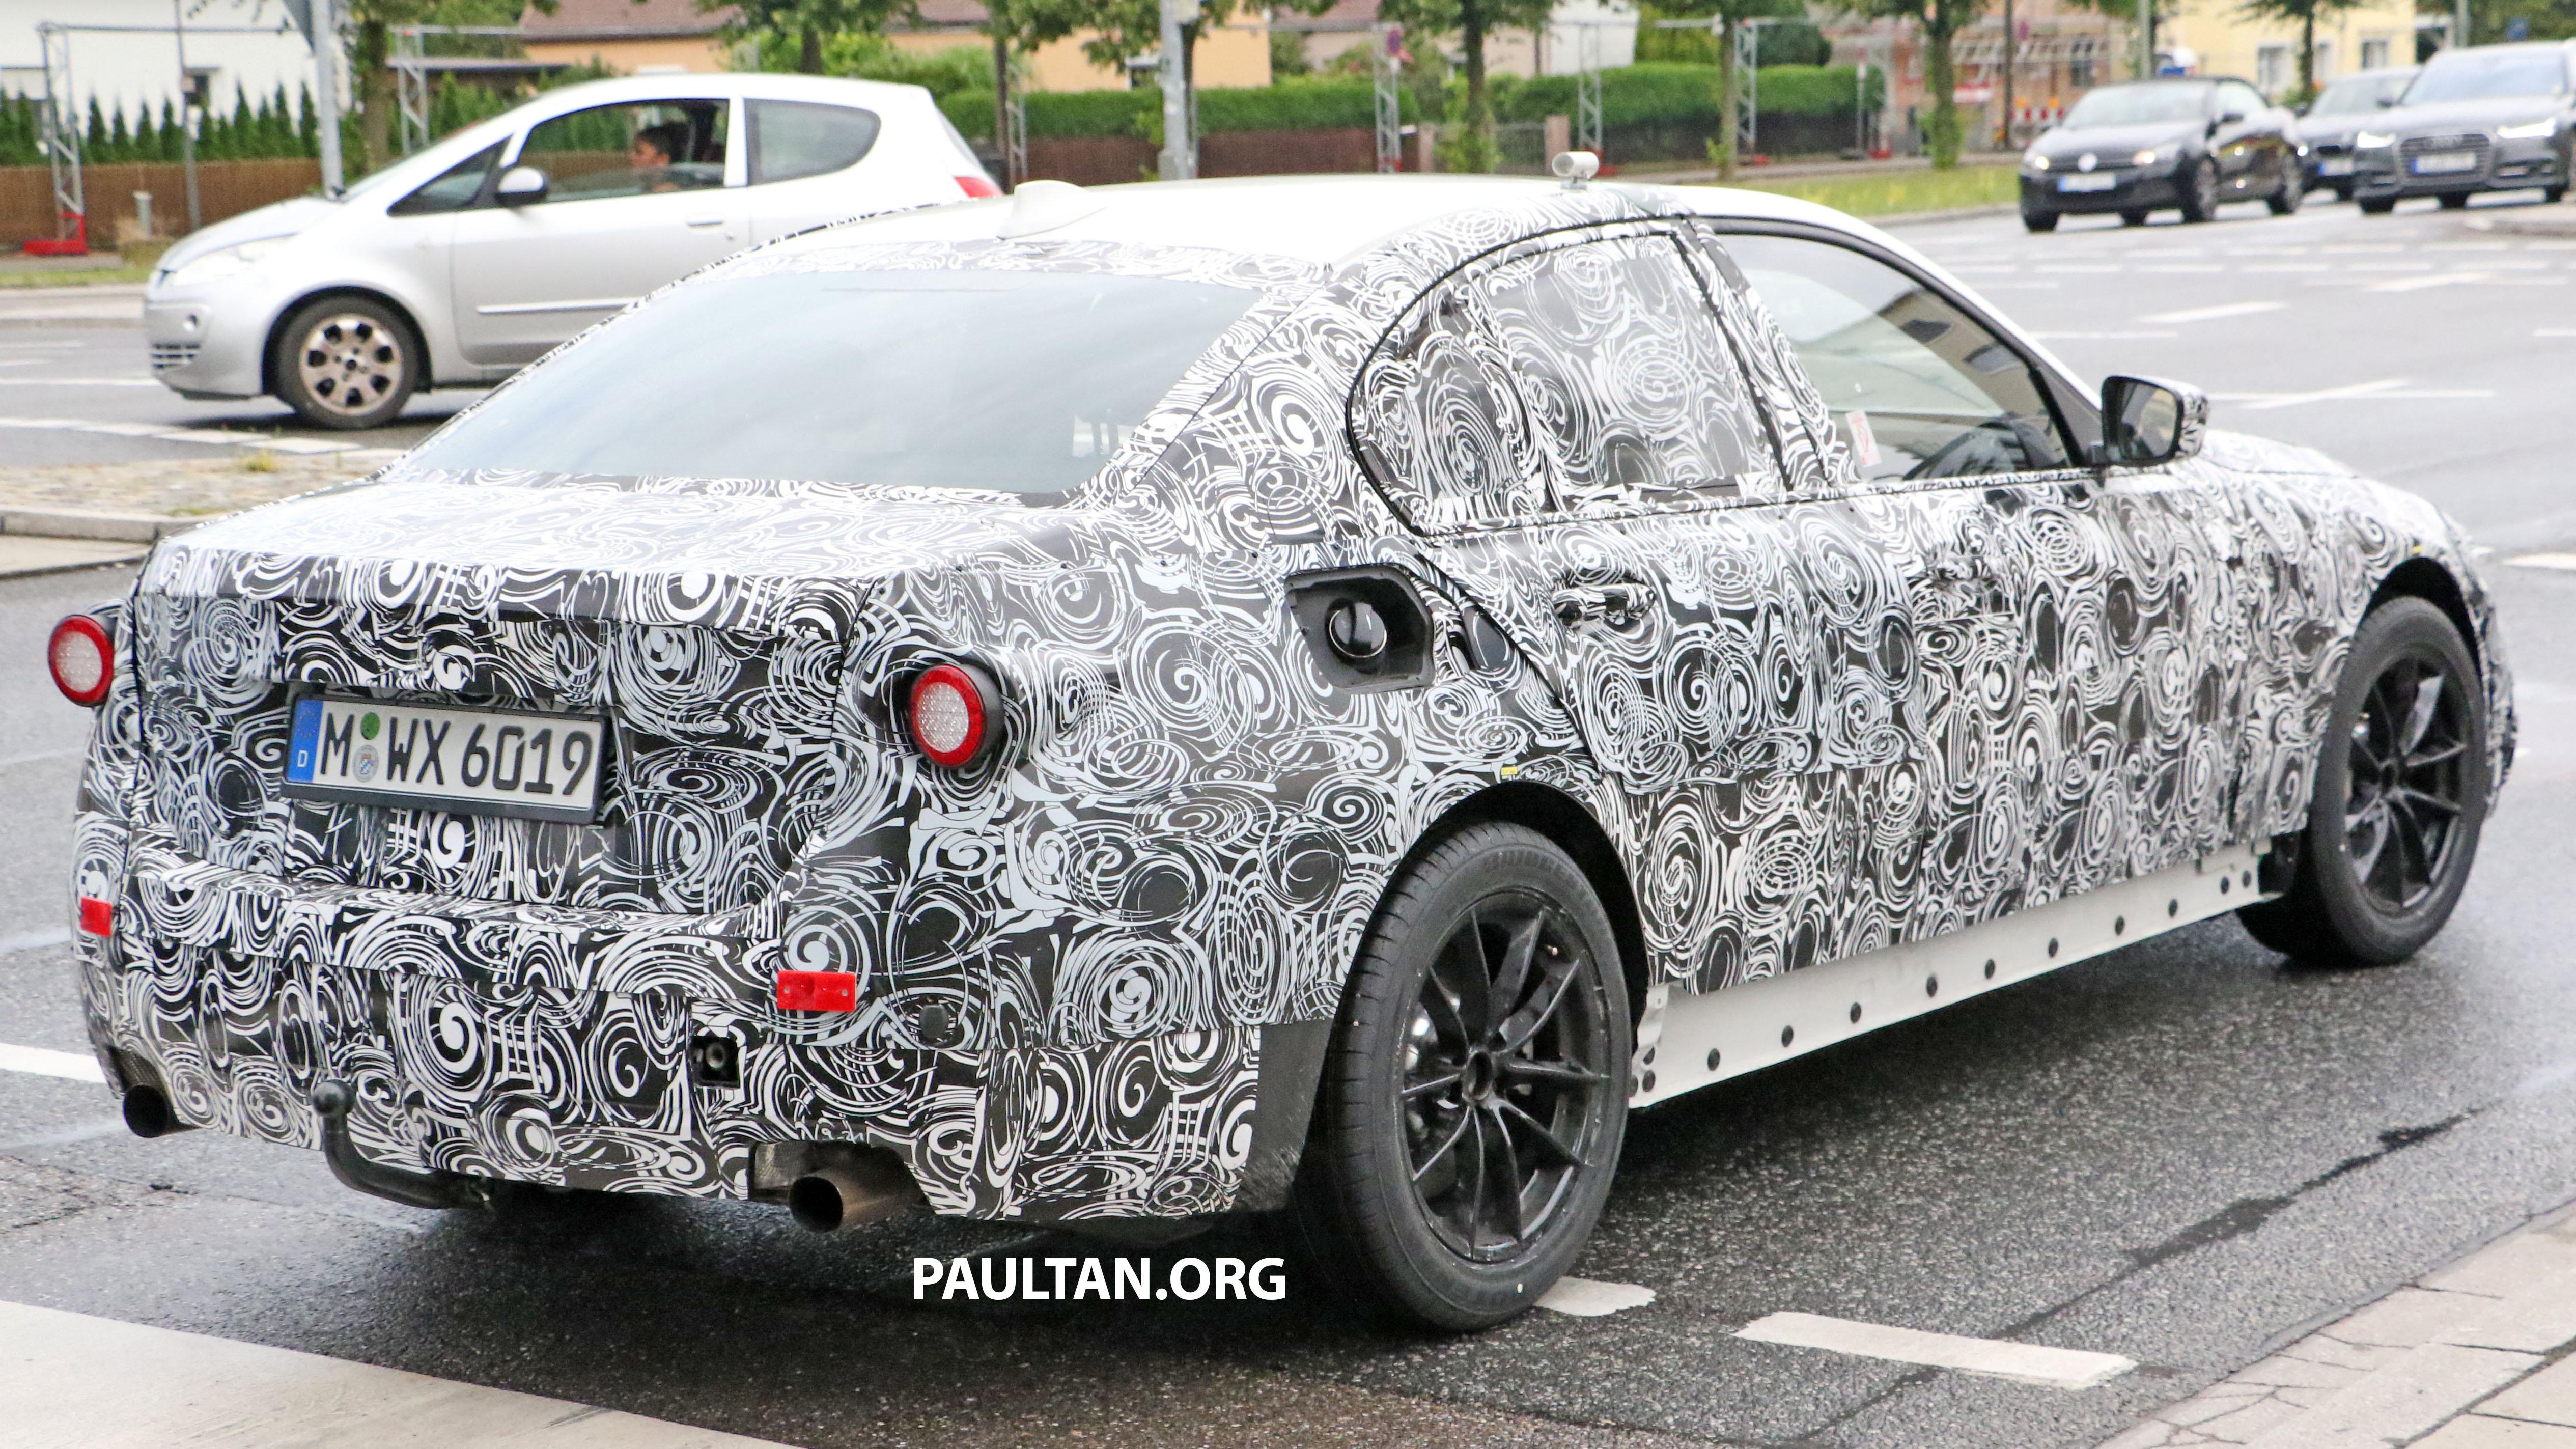 Bmw Serie 3 G20 >> SPYSHOTS: G20 BMW 3 Series caught, interior seen Image 531919